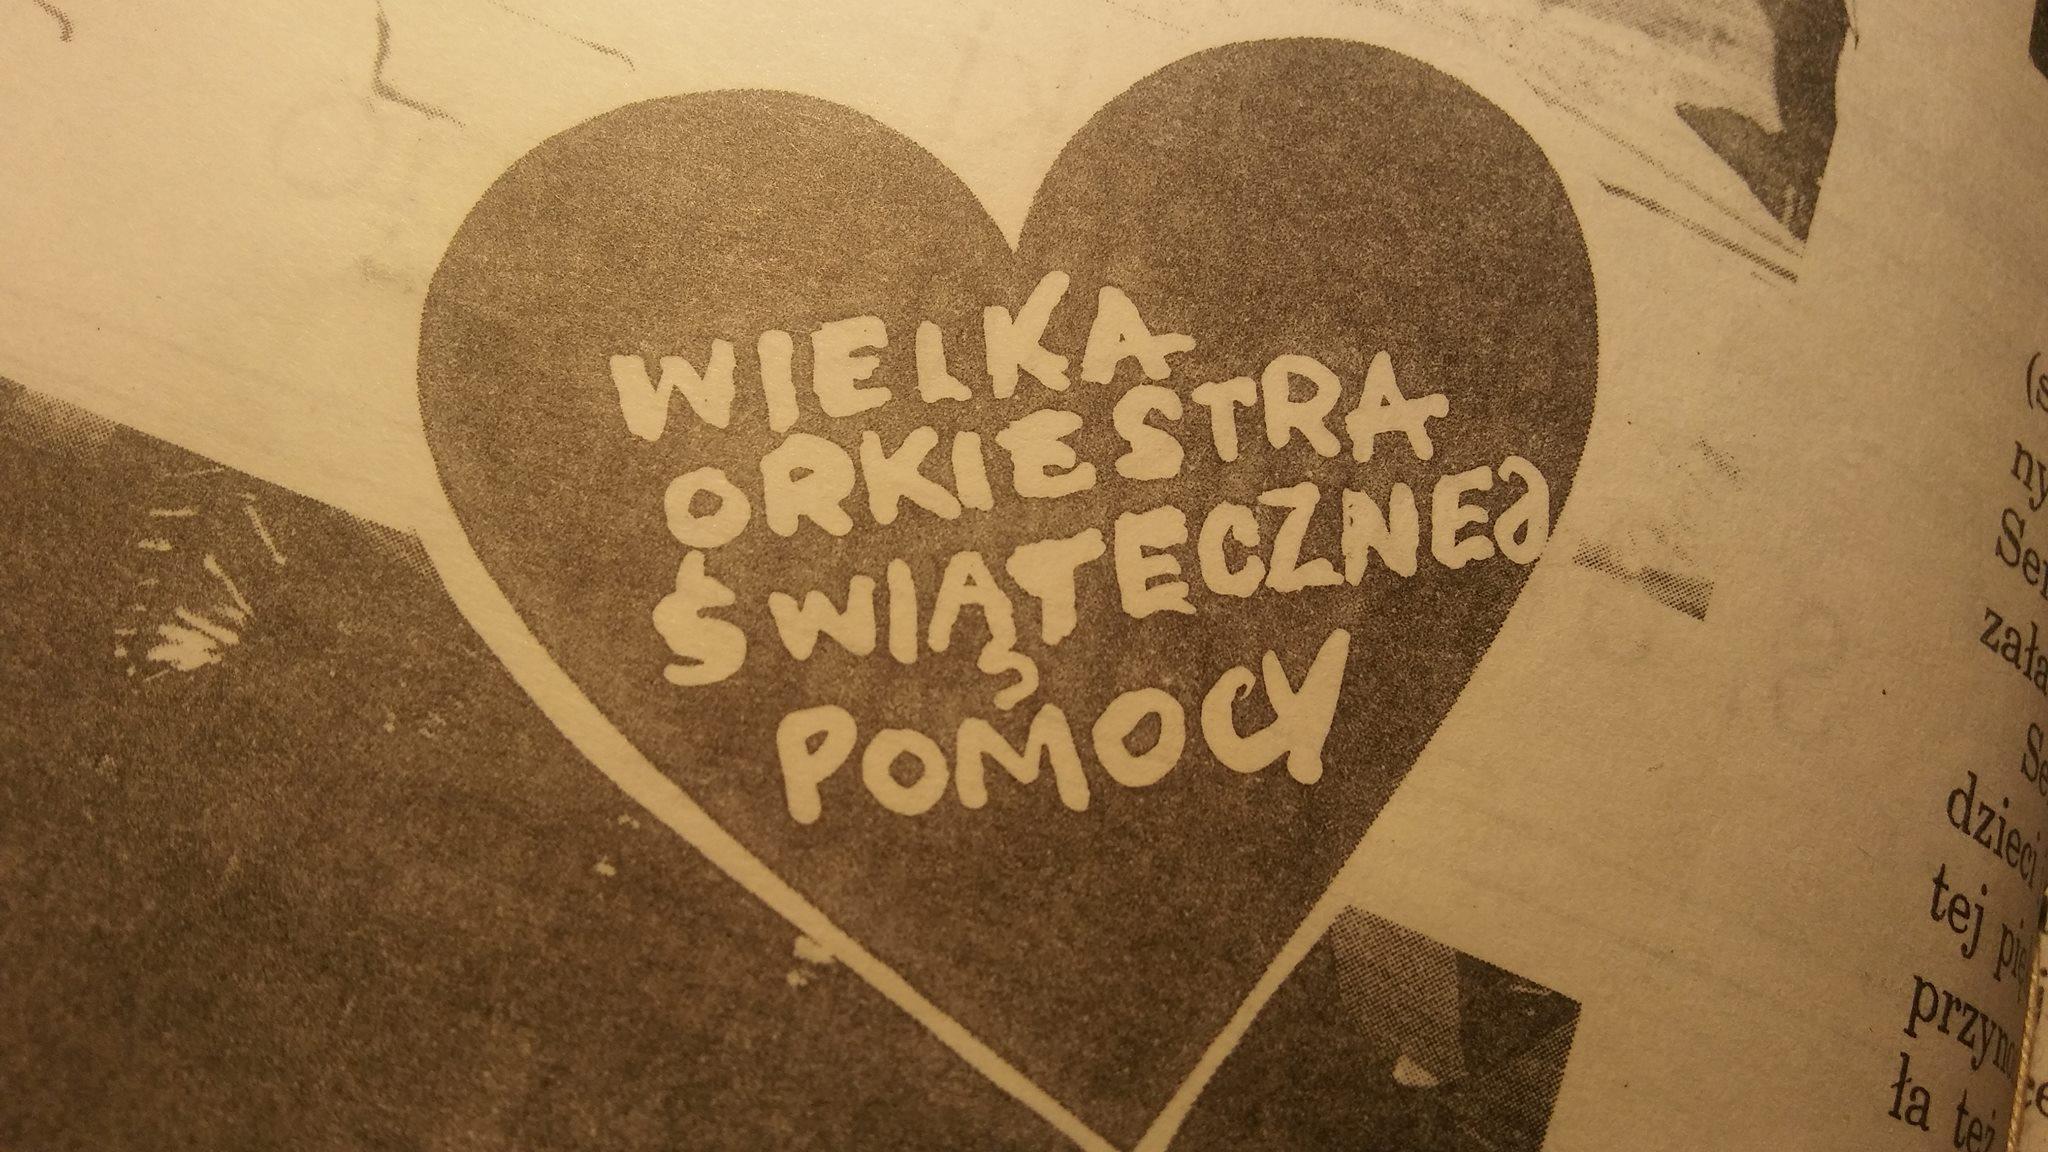 Wielka Orkiestra Świątecznej Pomocy w centrum Polski